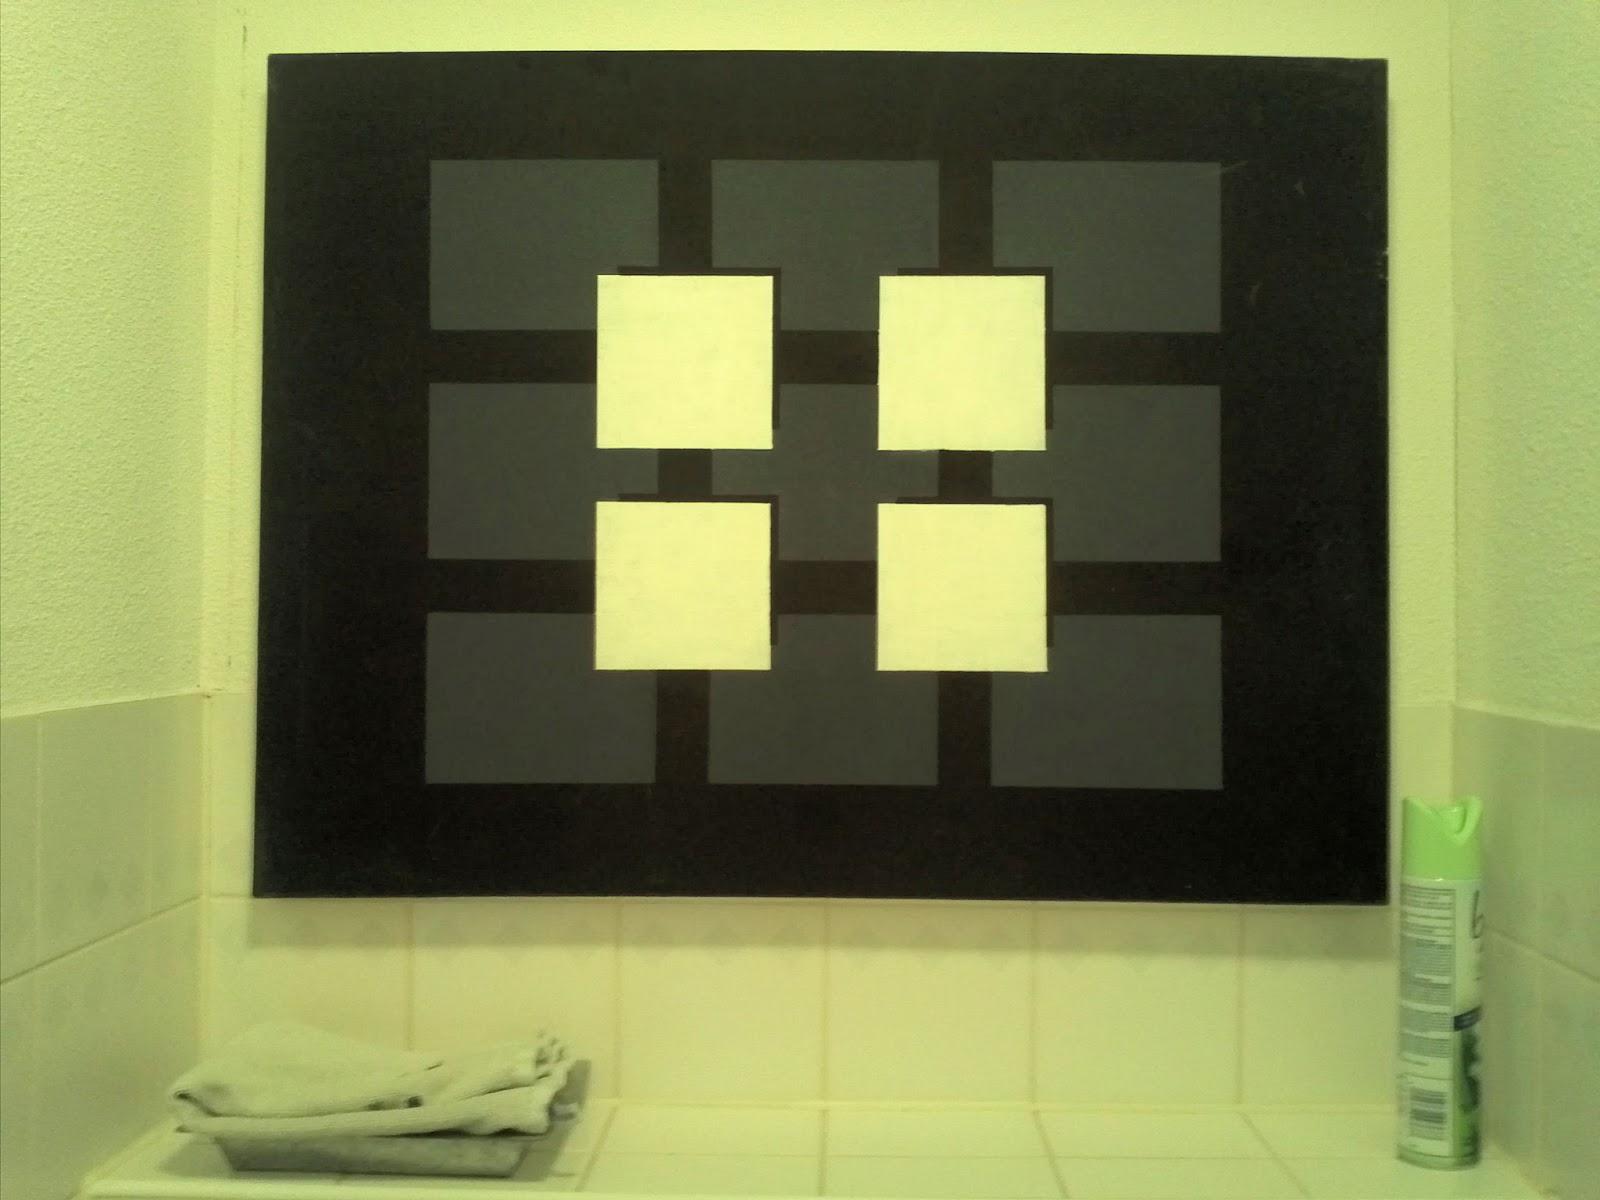 Toilet bord voor mannetje op zwartwit stockvectorkunst en meer